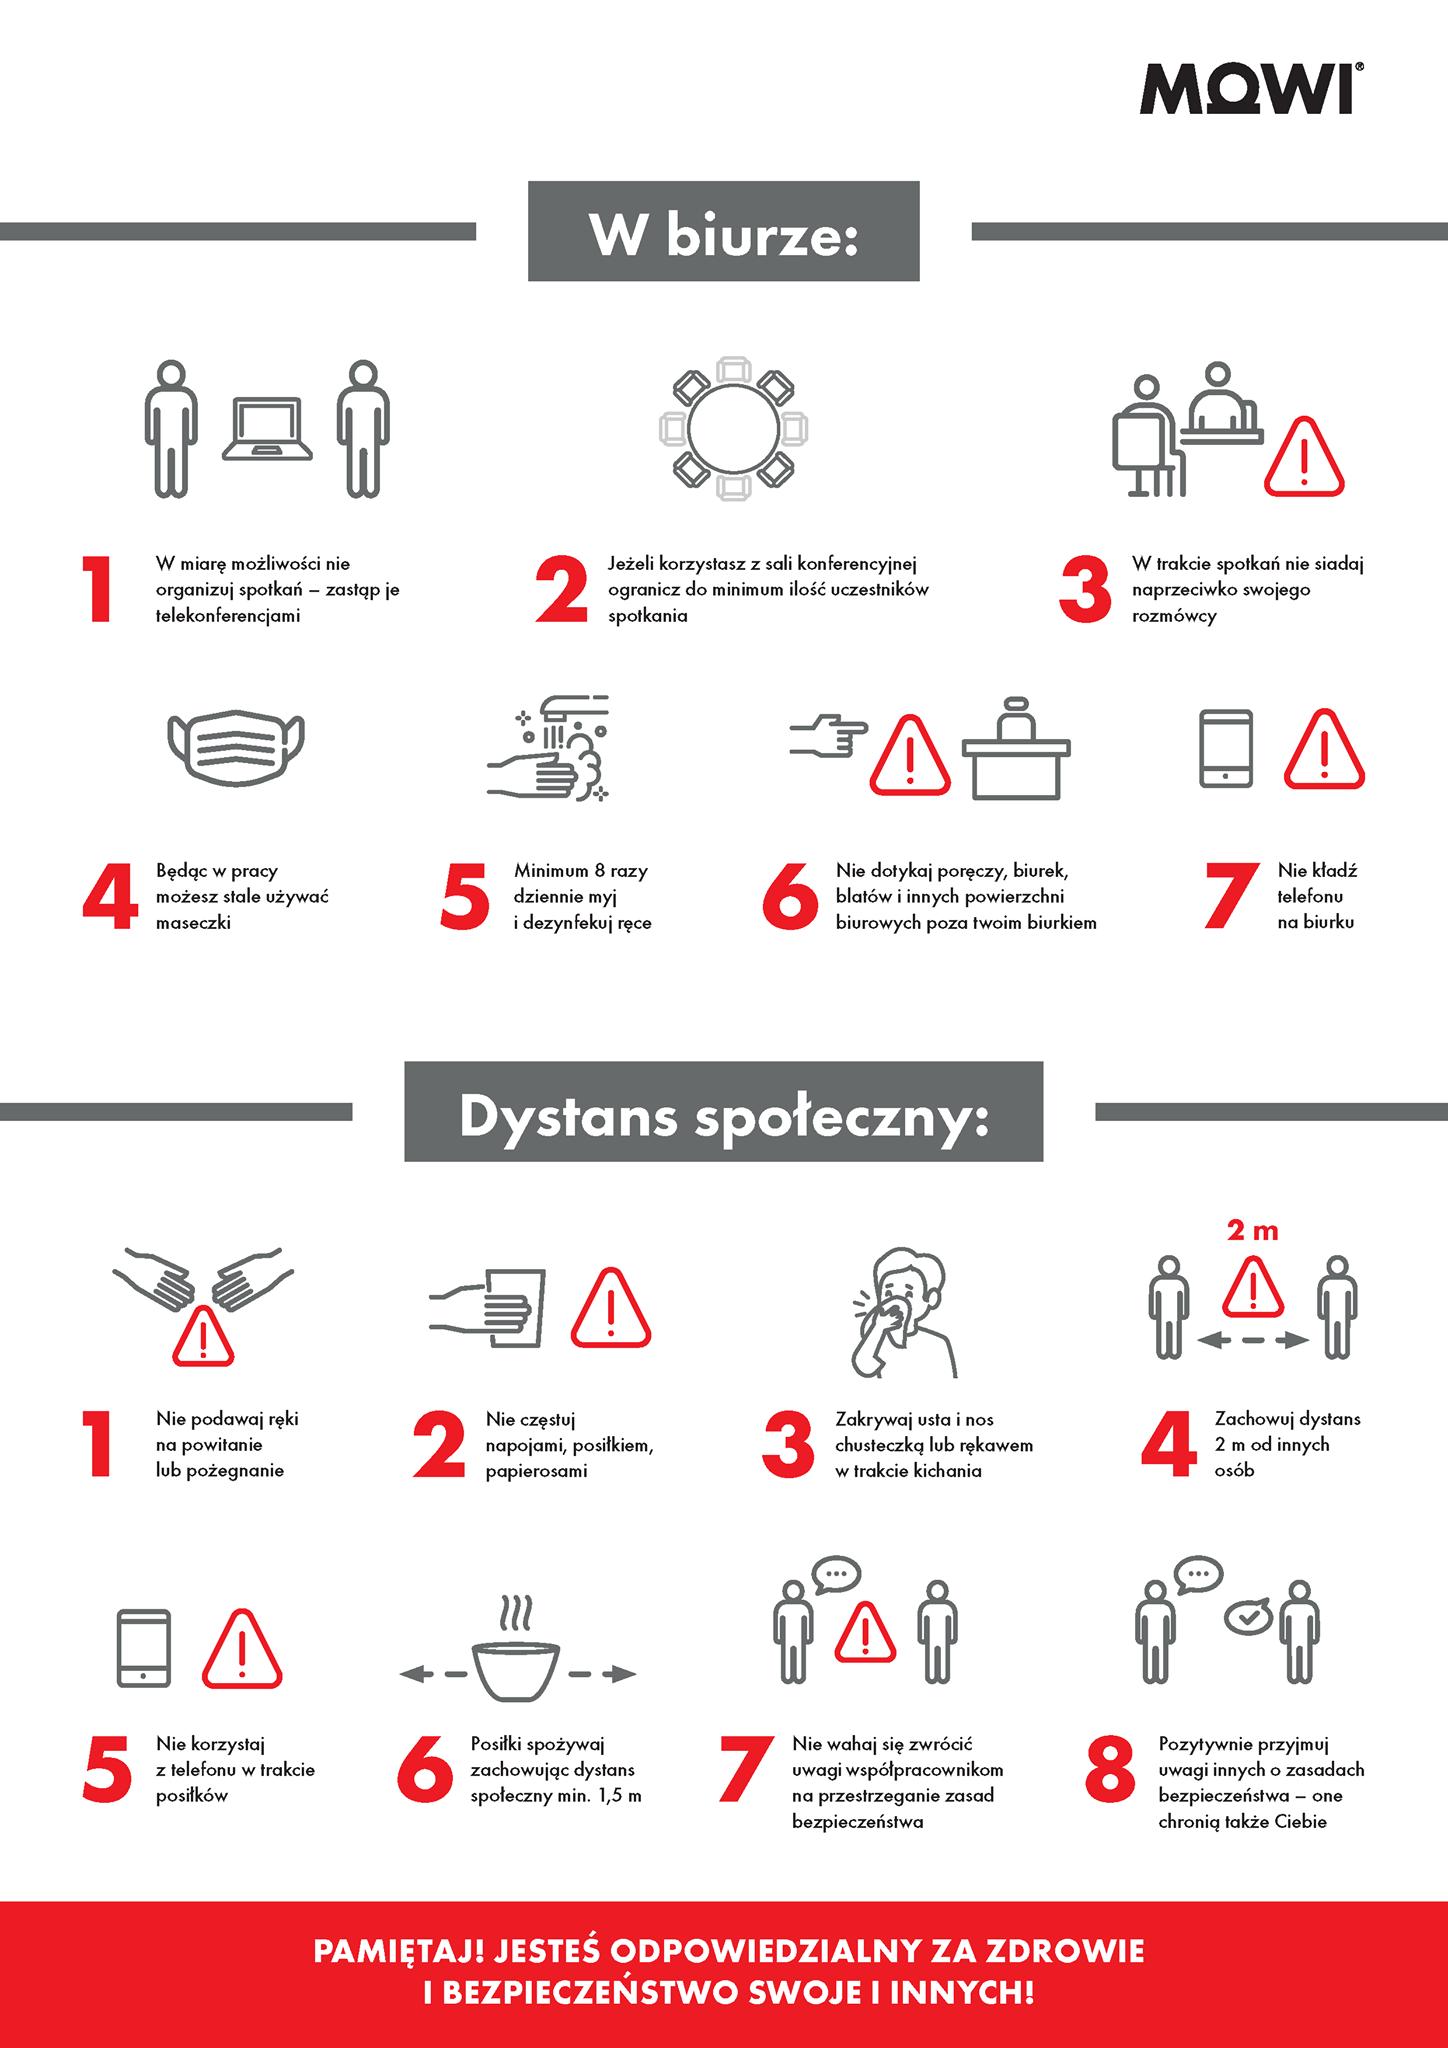 Zasady bezpiecznej pracy w czasie pandemii MOWI 2